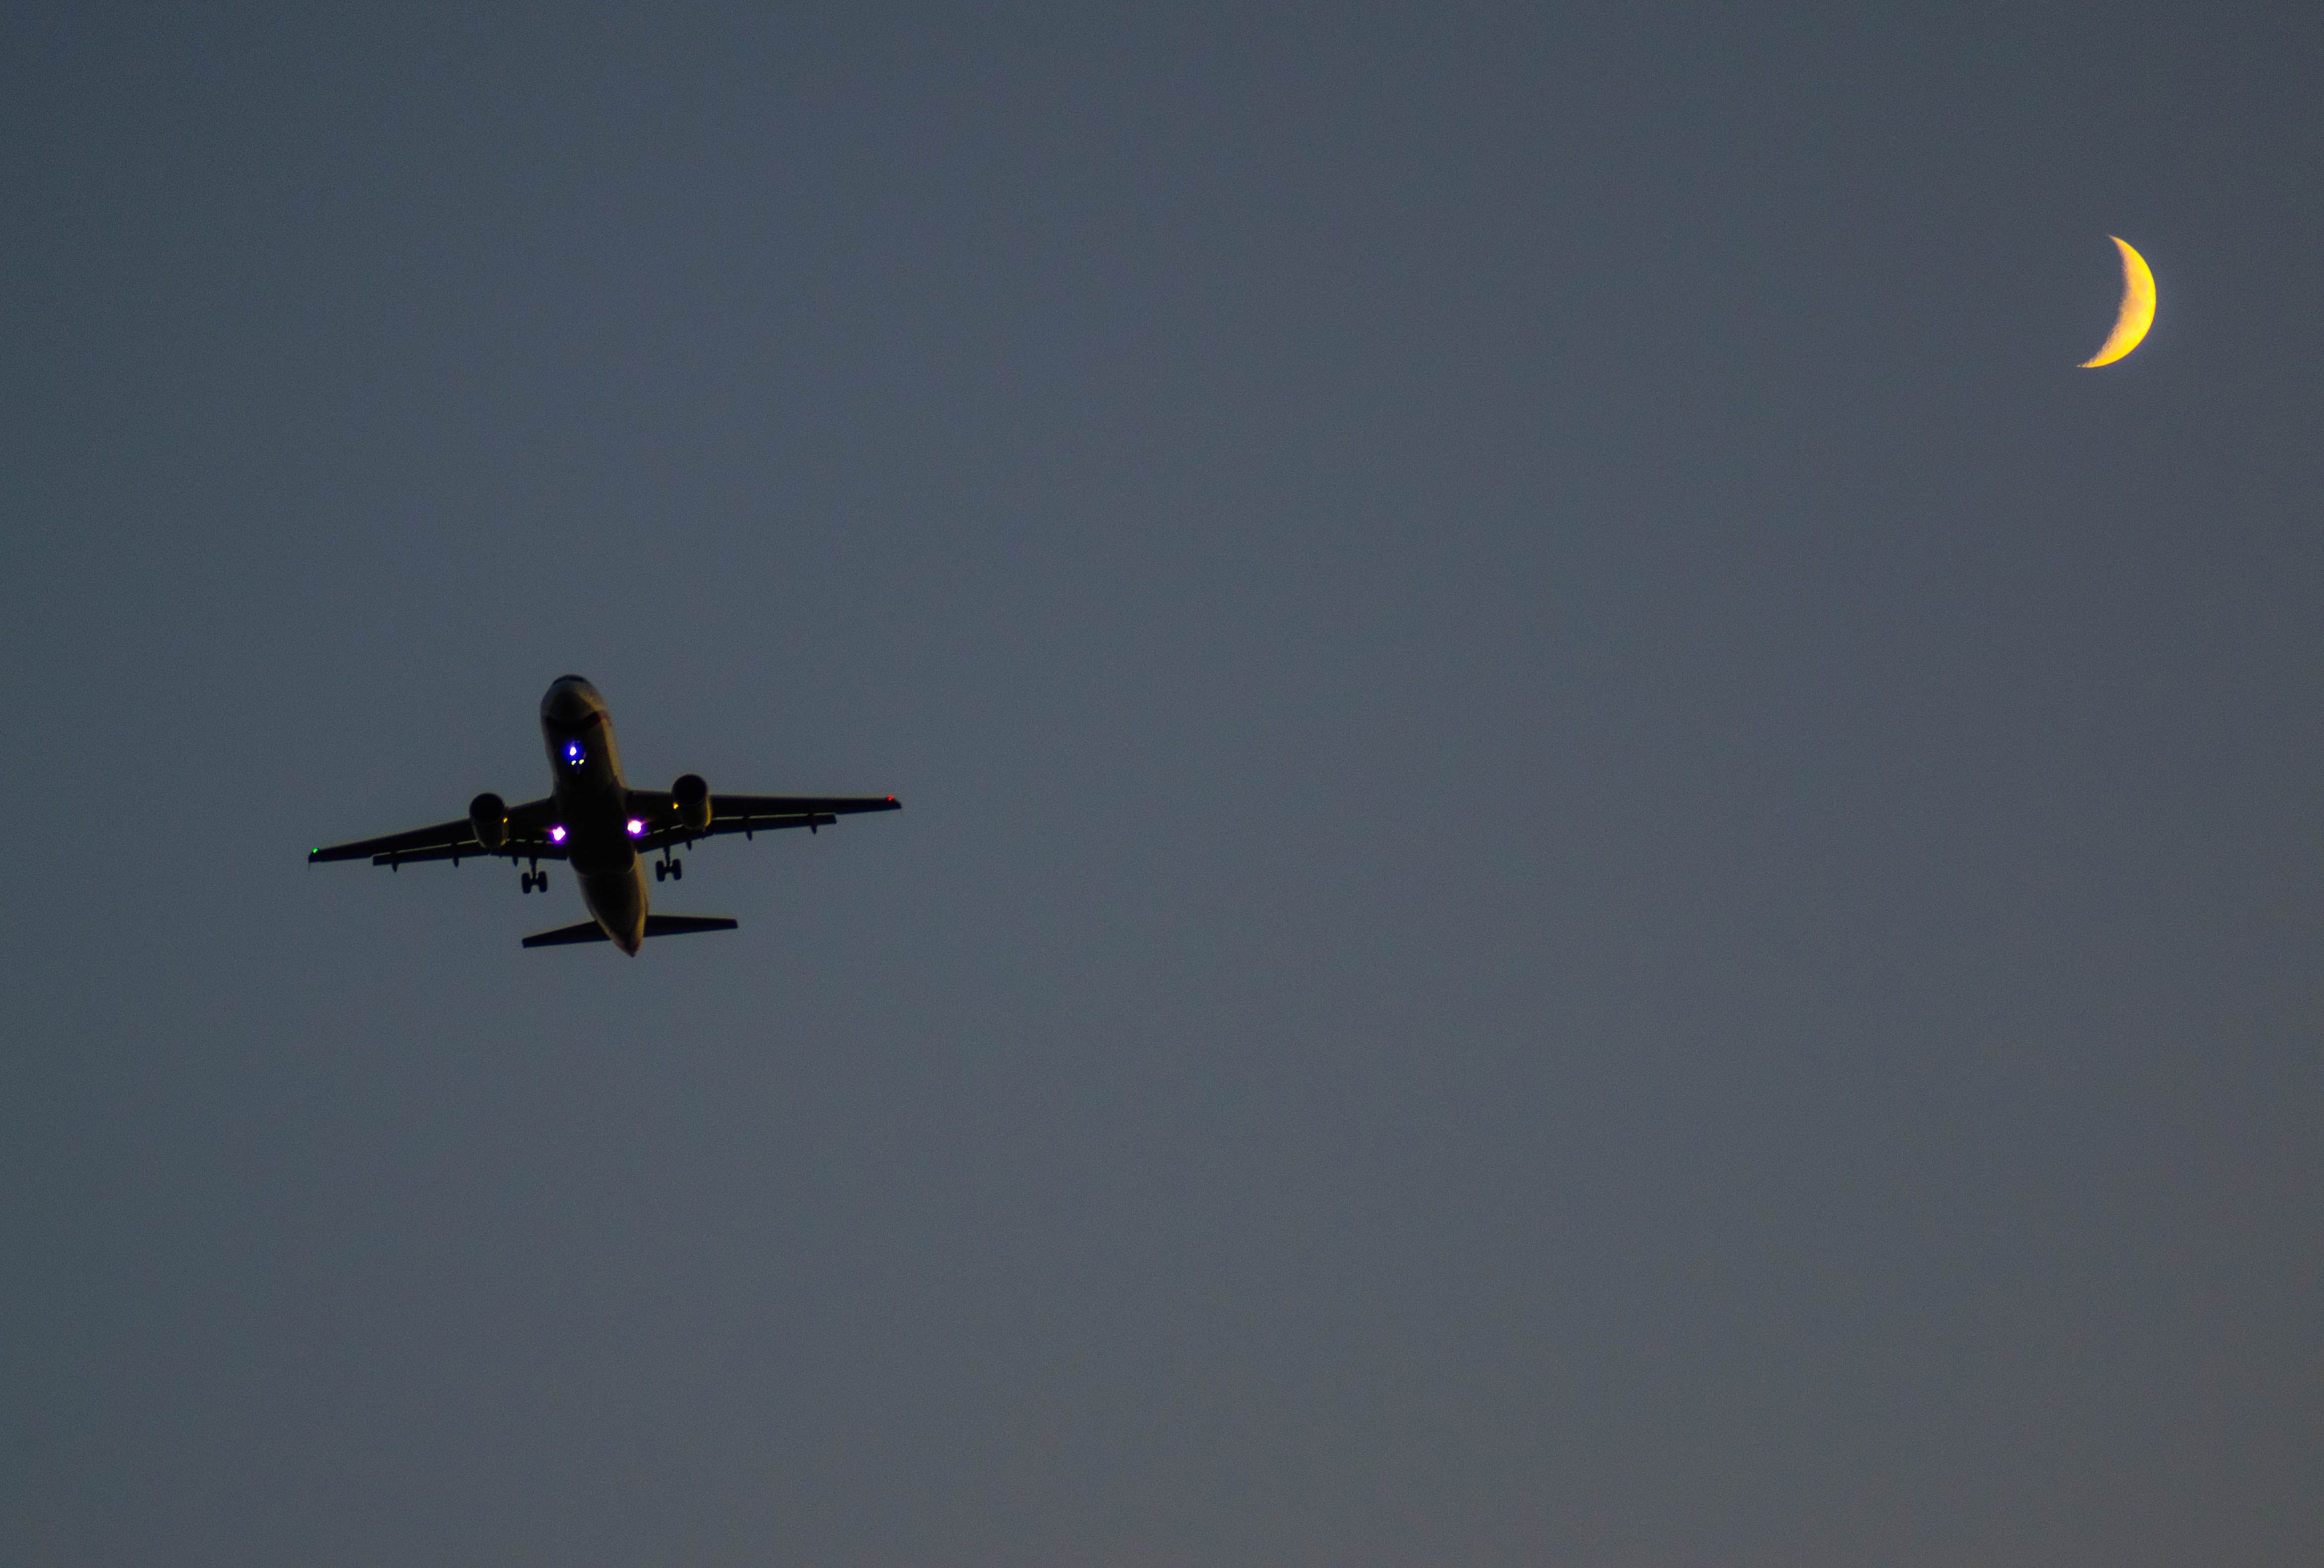 Δωρεάν στοκ φωτογραφιών με αεροπλάνο, μισοφέγγαρο, σελήνη, Σκοτεινός ουρανός